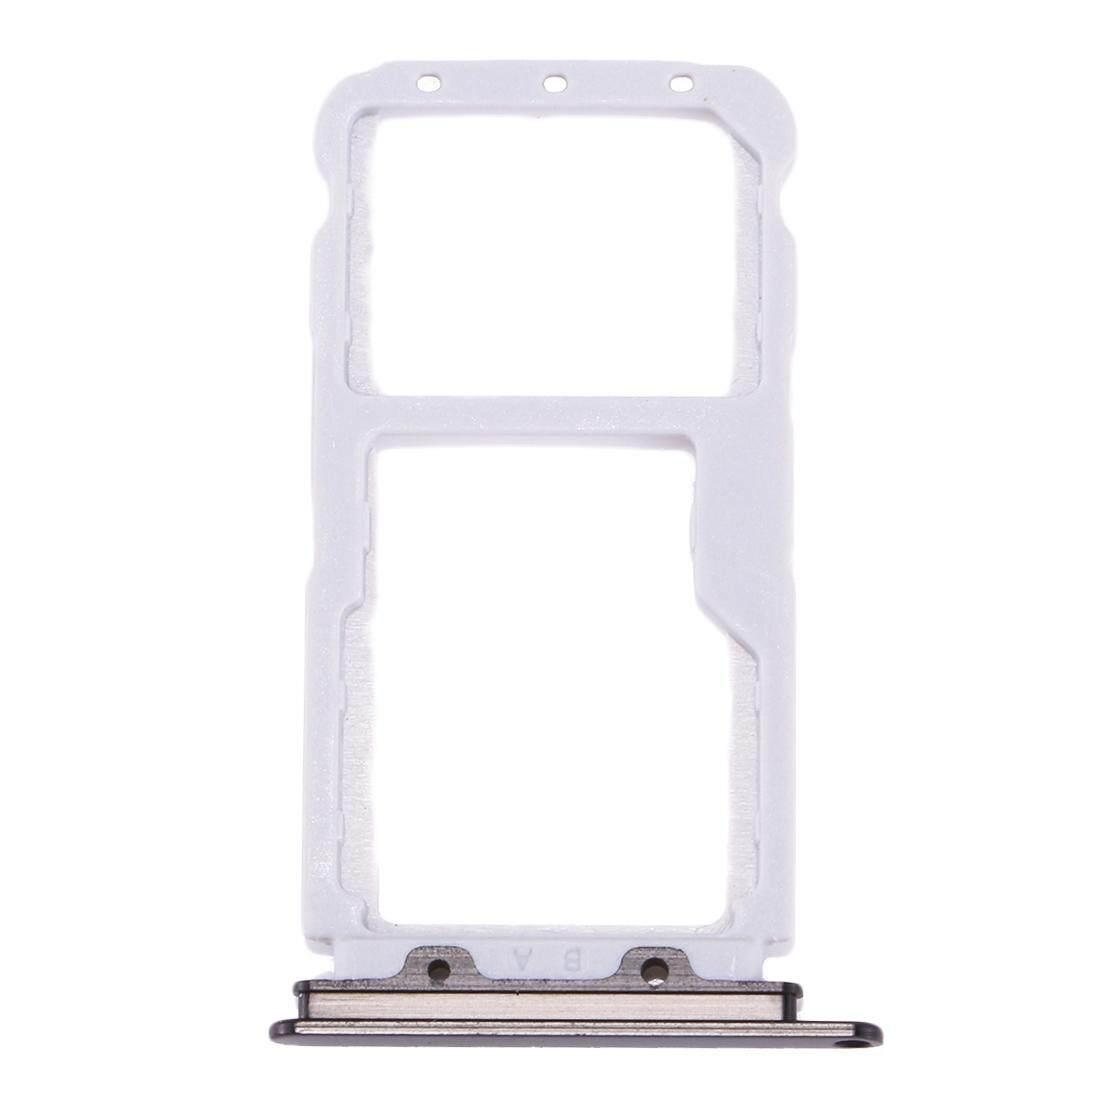 Cek Harga Baru Ipartsbuy For Huawei Nova 2 Sim Card Tray And Adapter 3in1 Micro Nano Mini Gambar Produk Rinci Sd Trayblack Intl Terkini